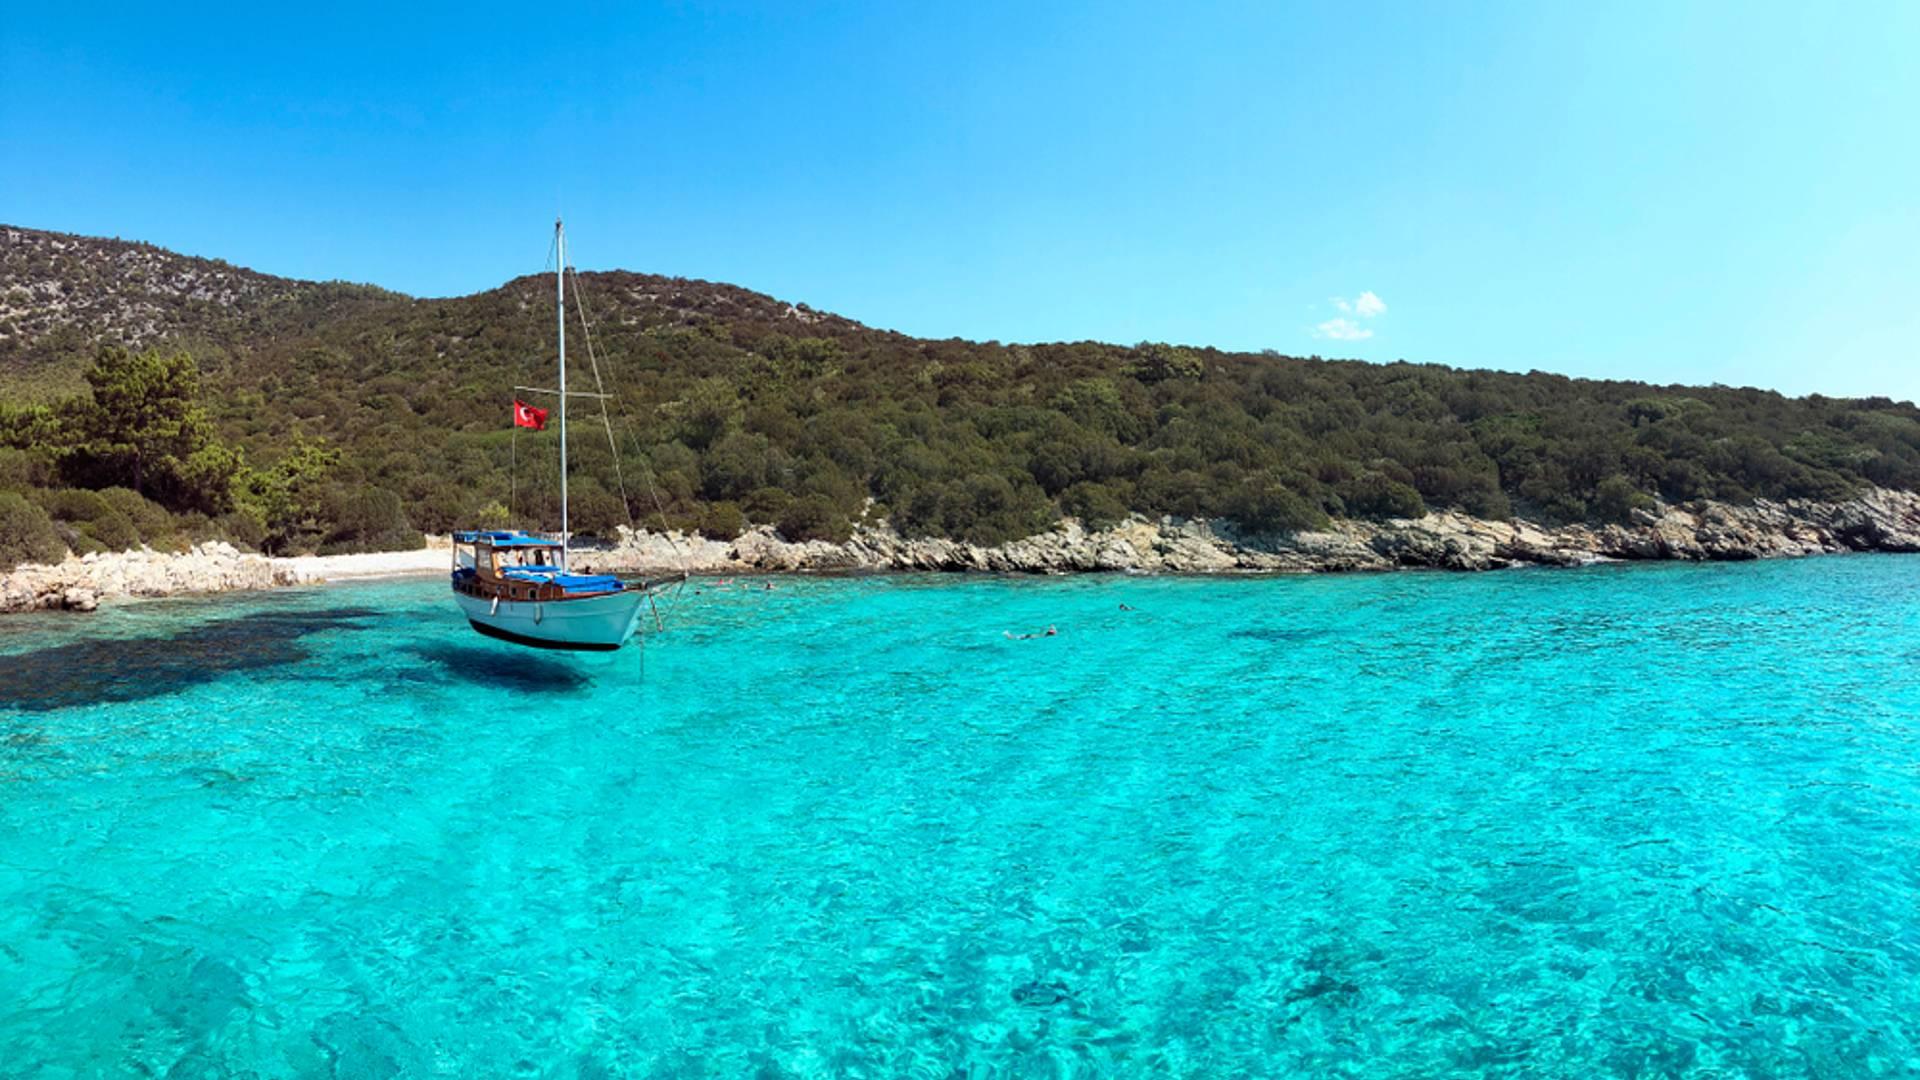 Croisière bleue en Méditerranée